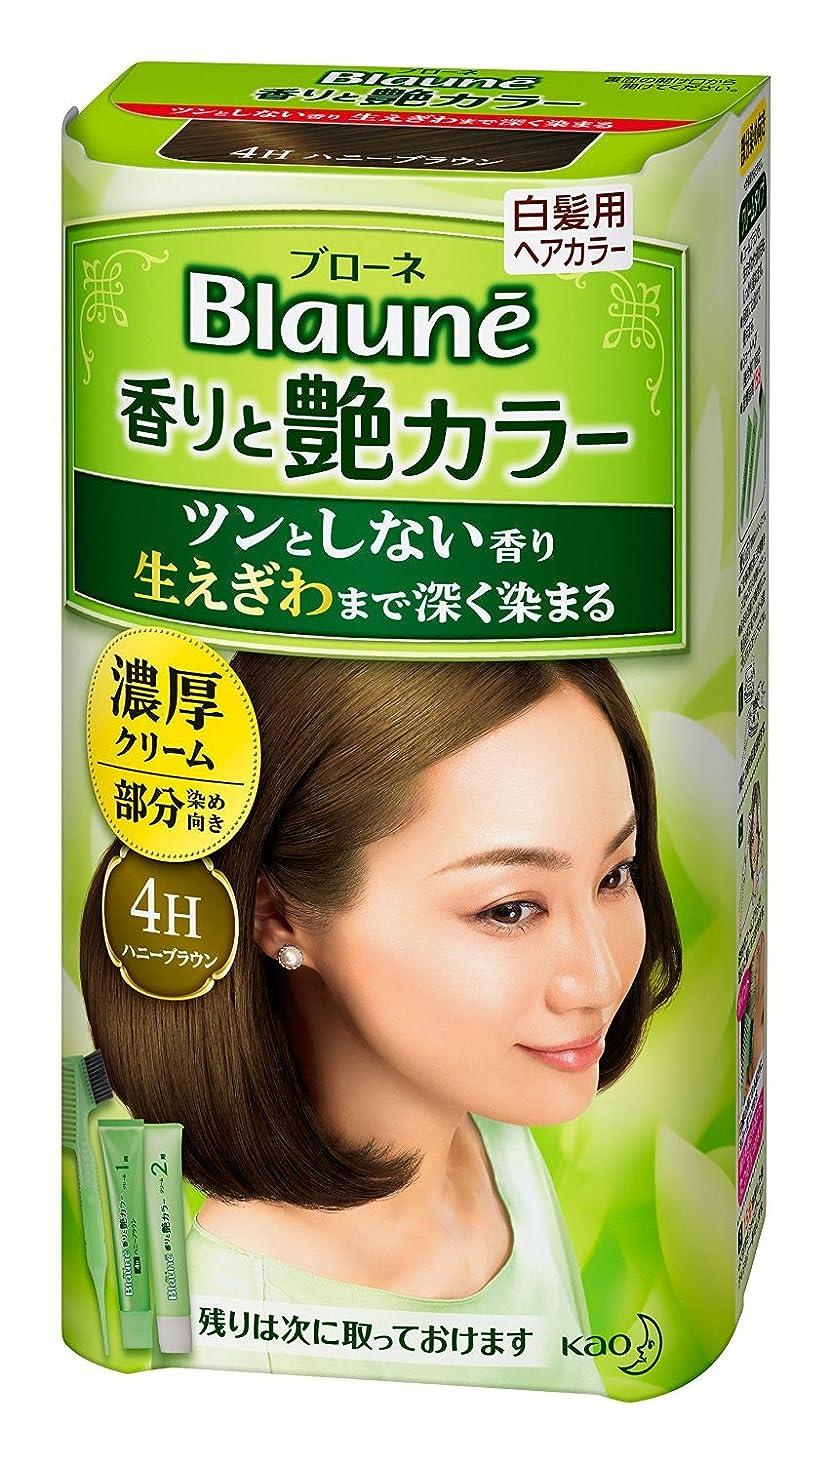 悪質な。誘惑【花王】ブローネ 香りと艶カラー クリーム 4H:ハニーブラウン 80g ×5個セット